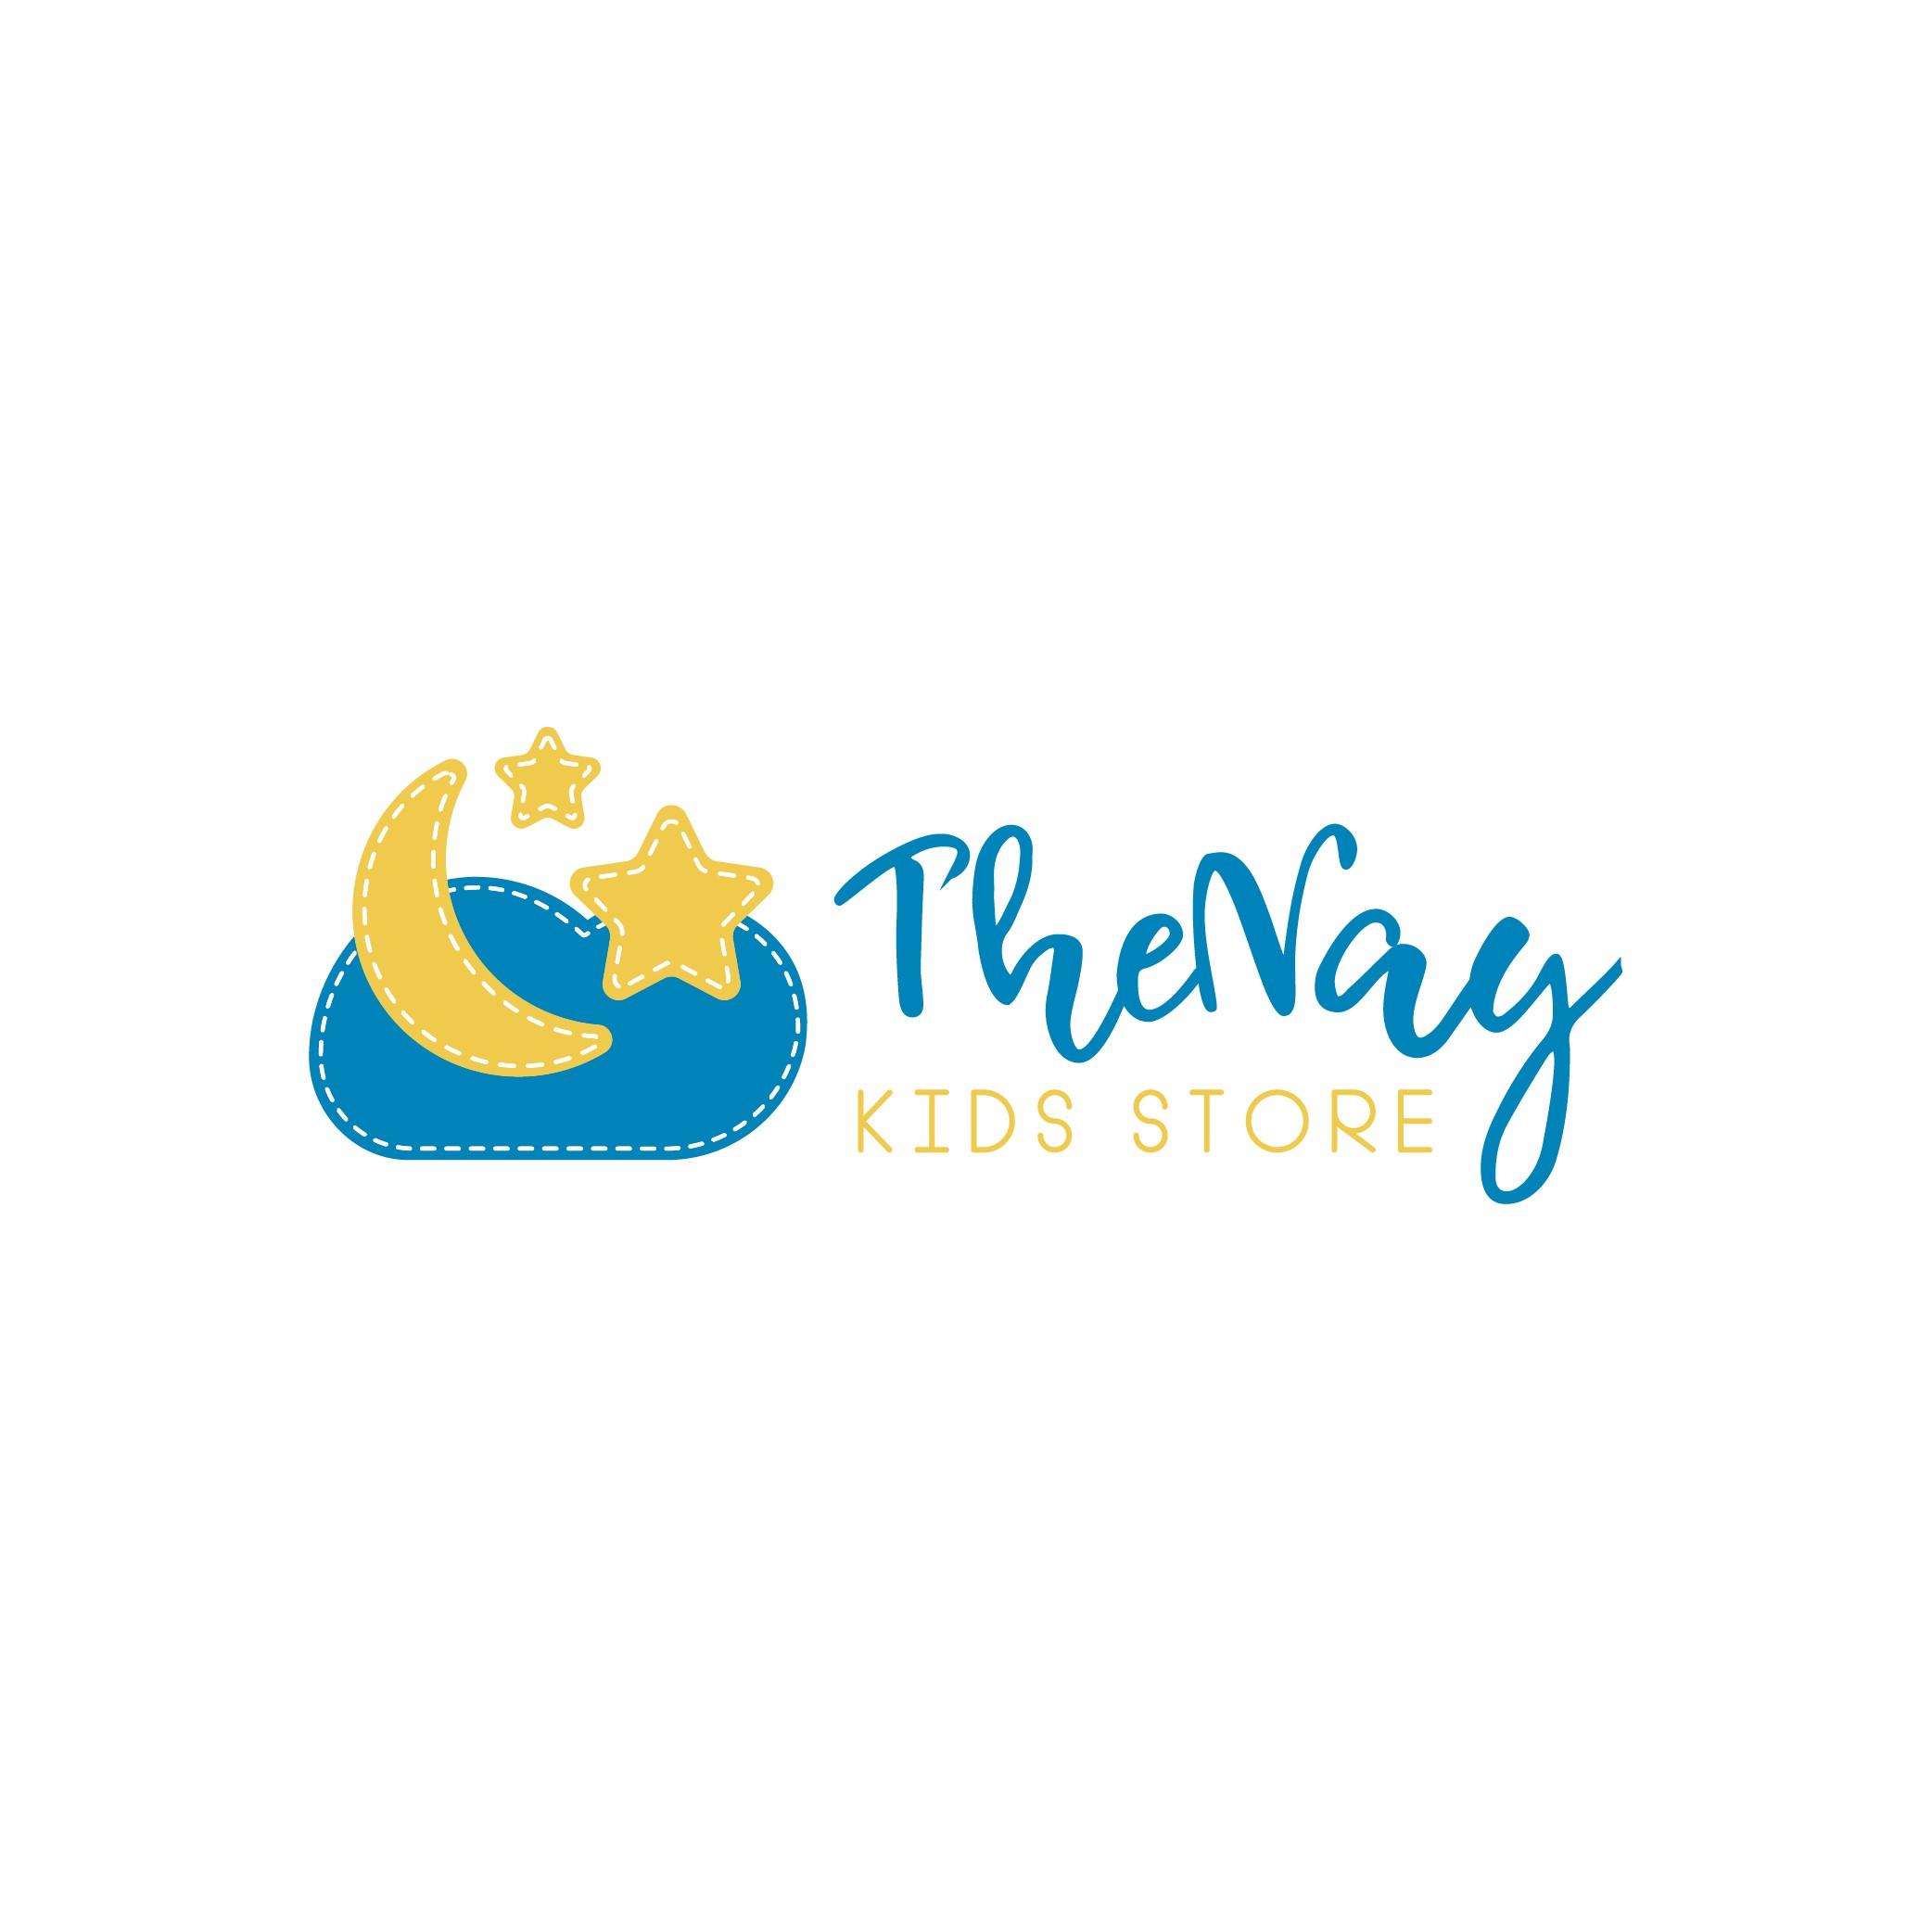 Design Logo for Kids store